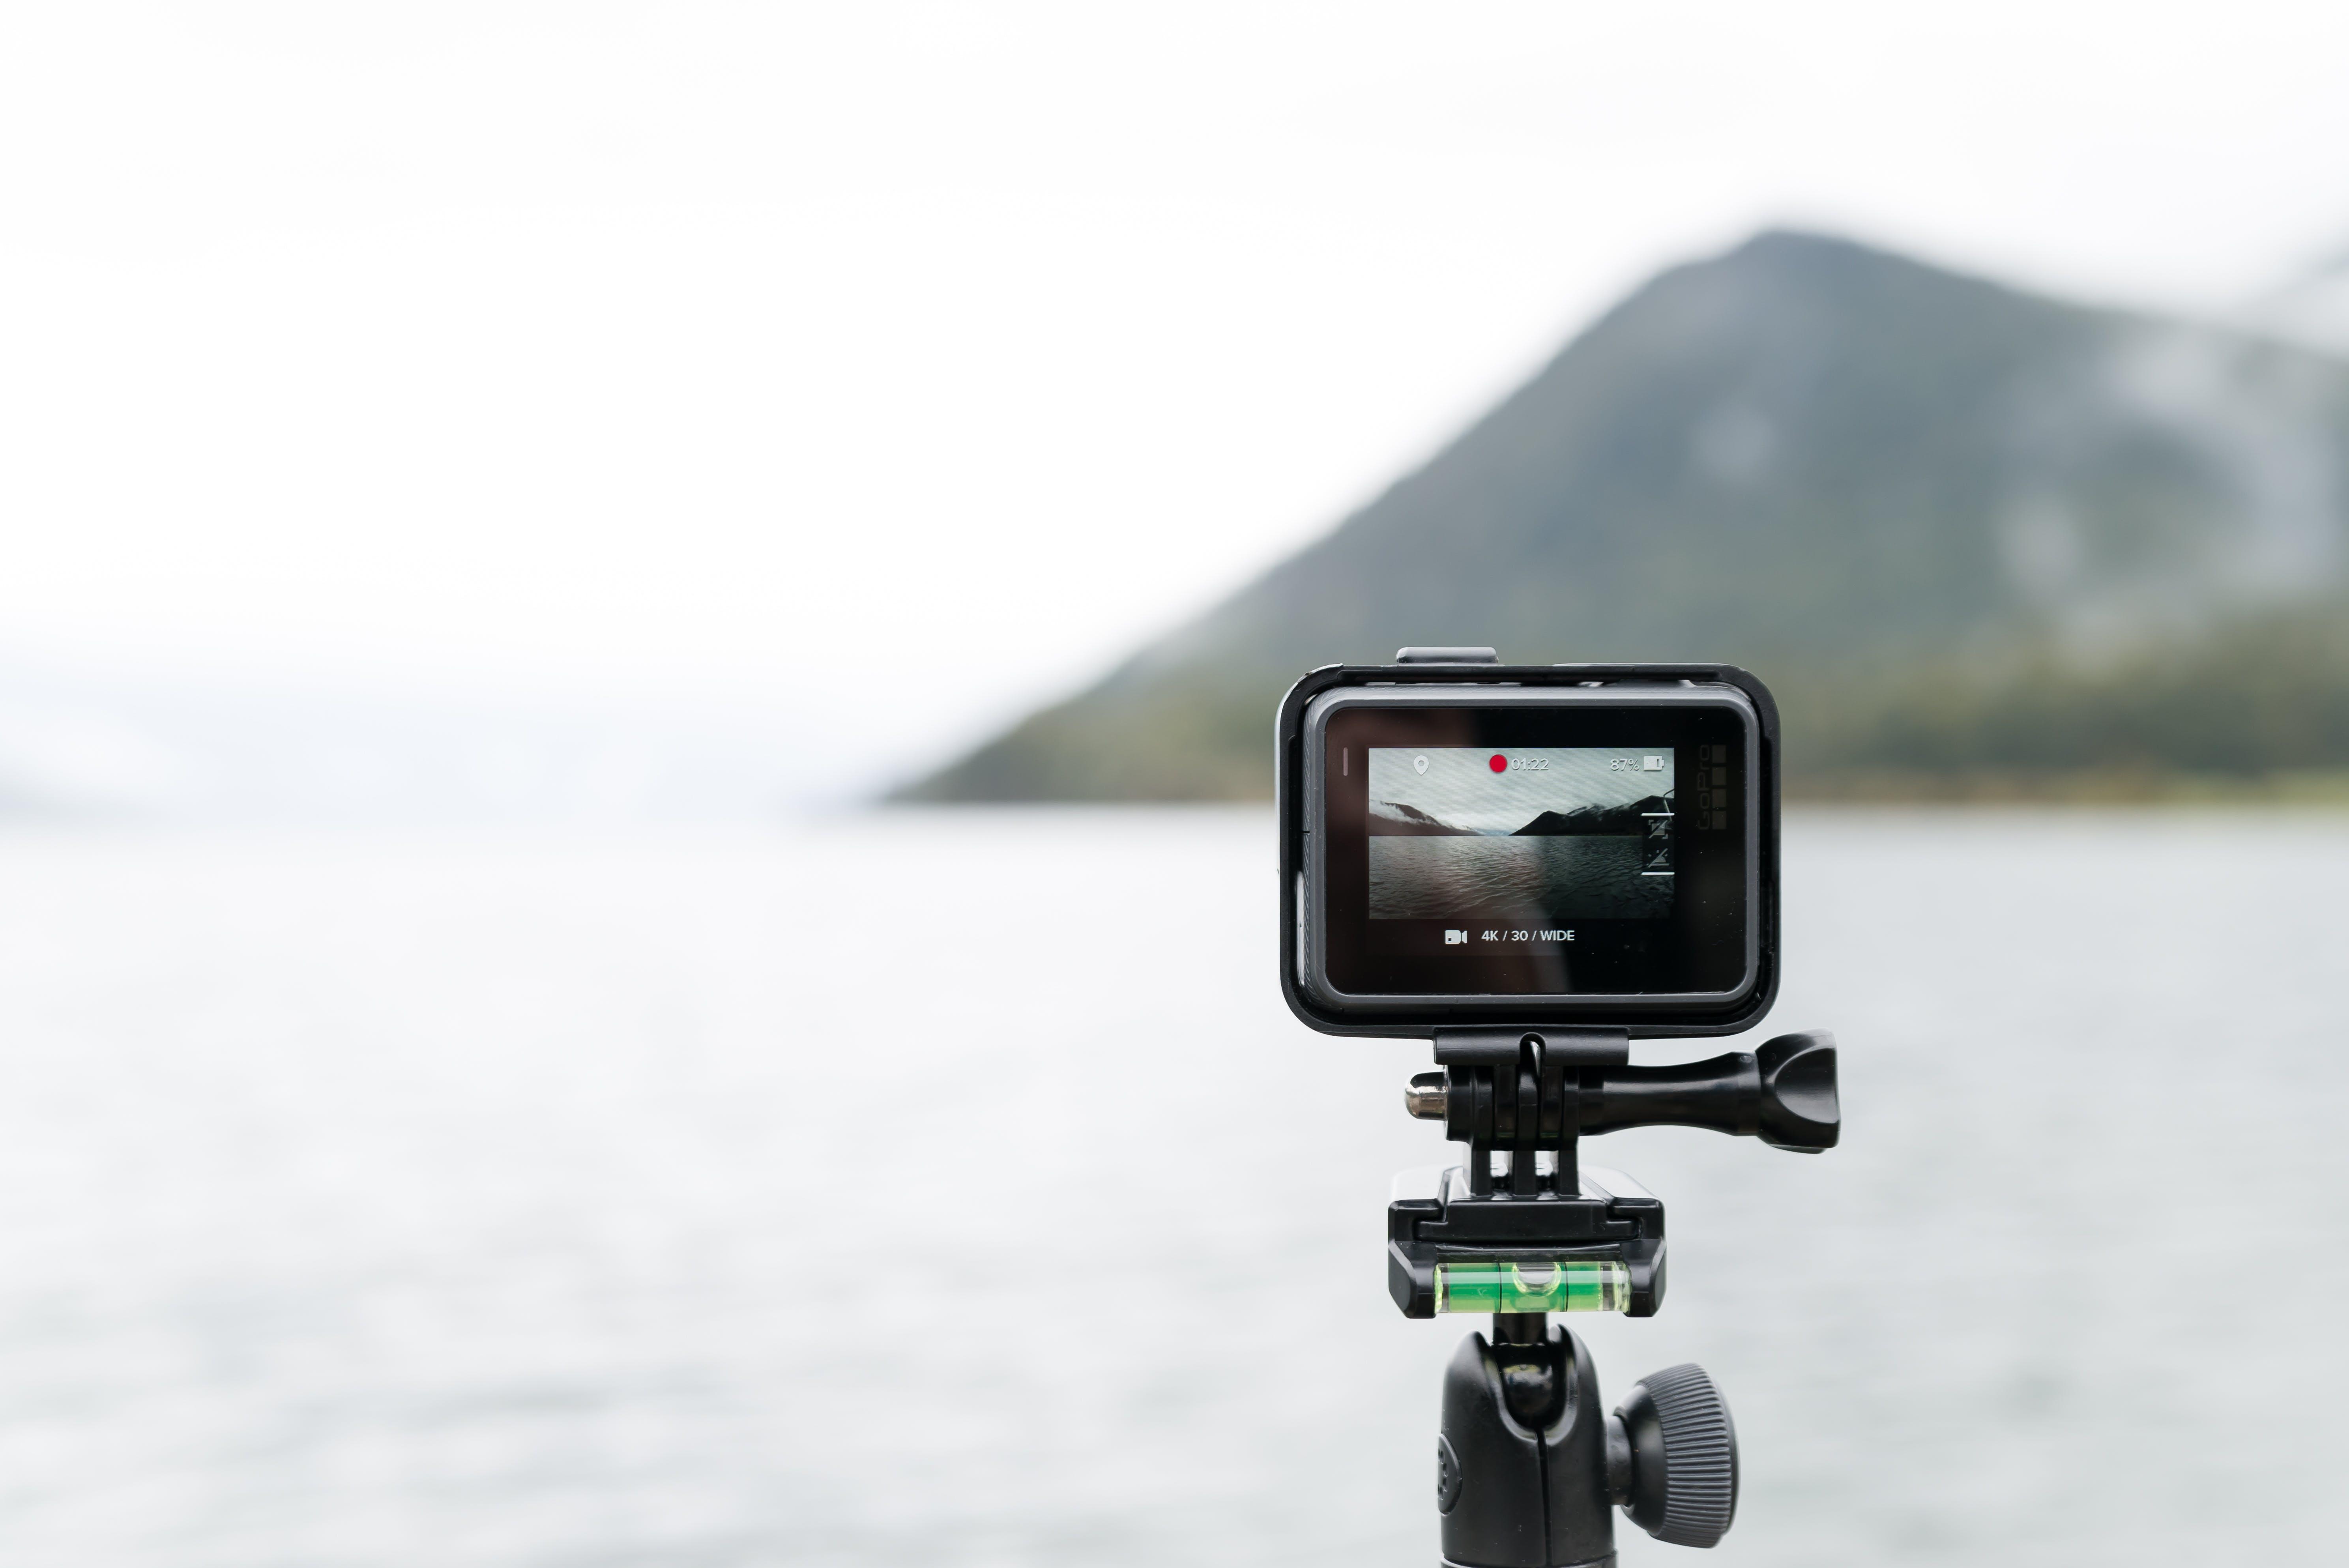 Free stock photo of landscape, camera, taking photo, lake